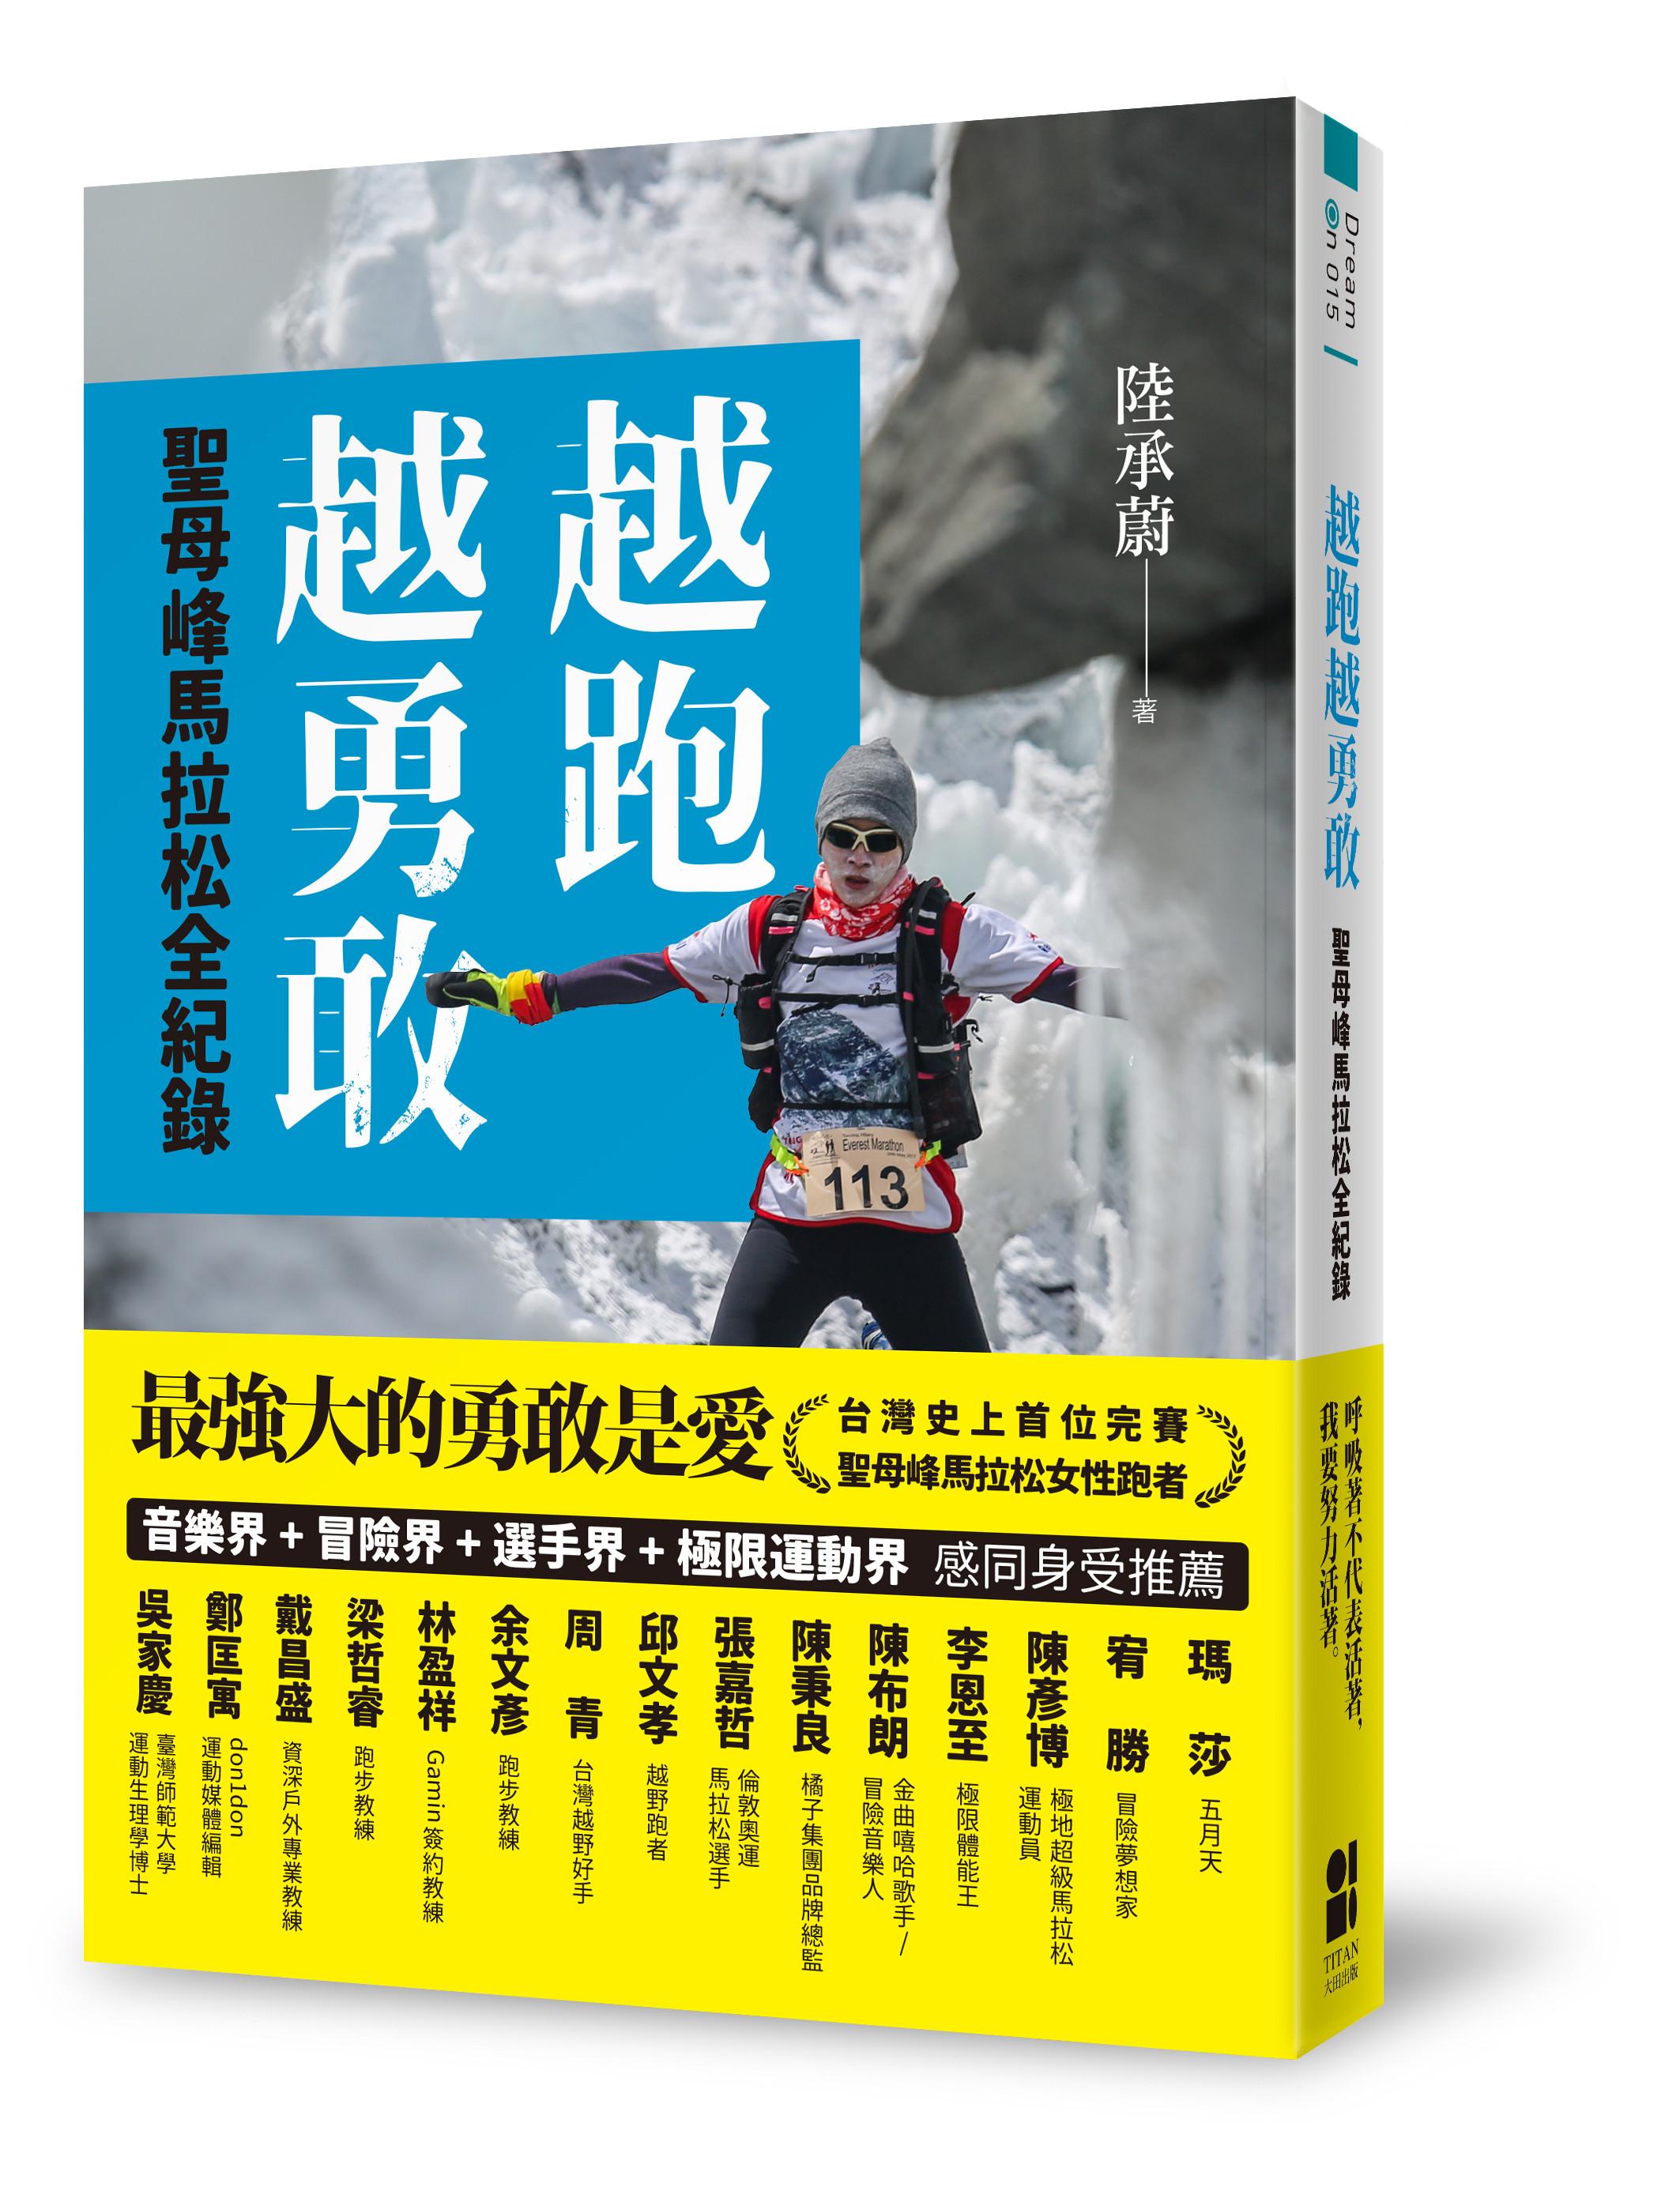 ▲《越跑越勇敢:聖母峰馬拉松全紀錄》。(圖/大田出版提供)